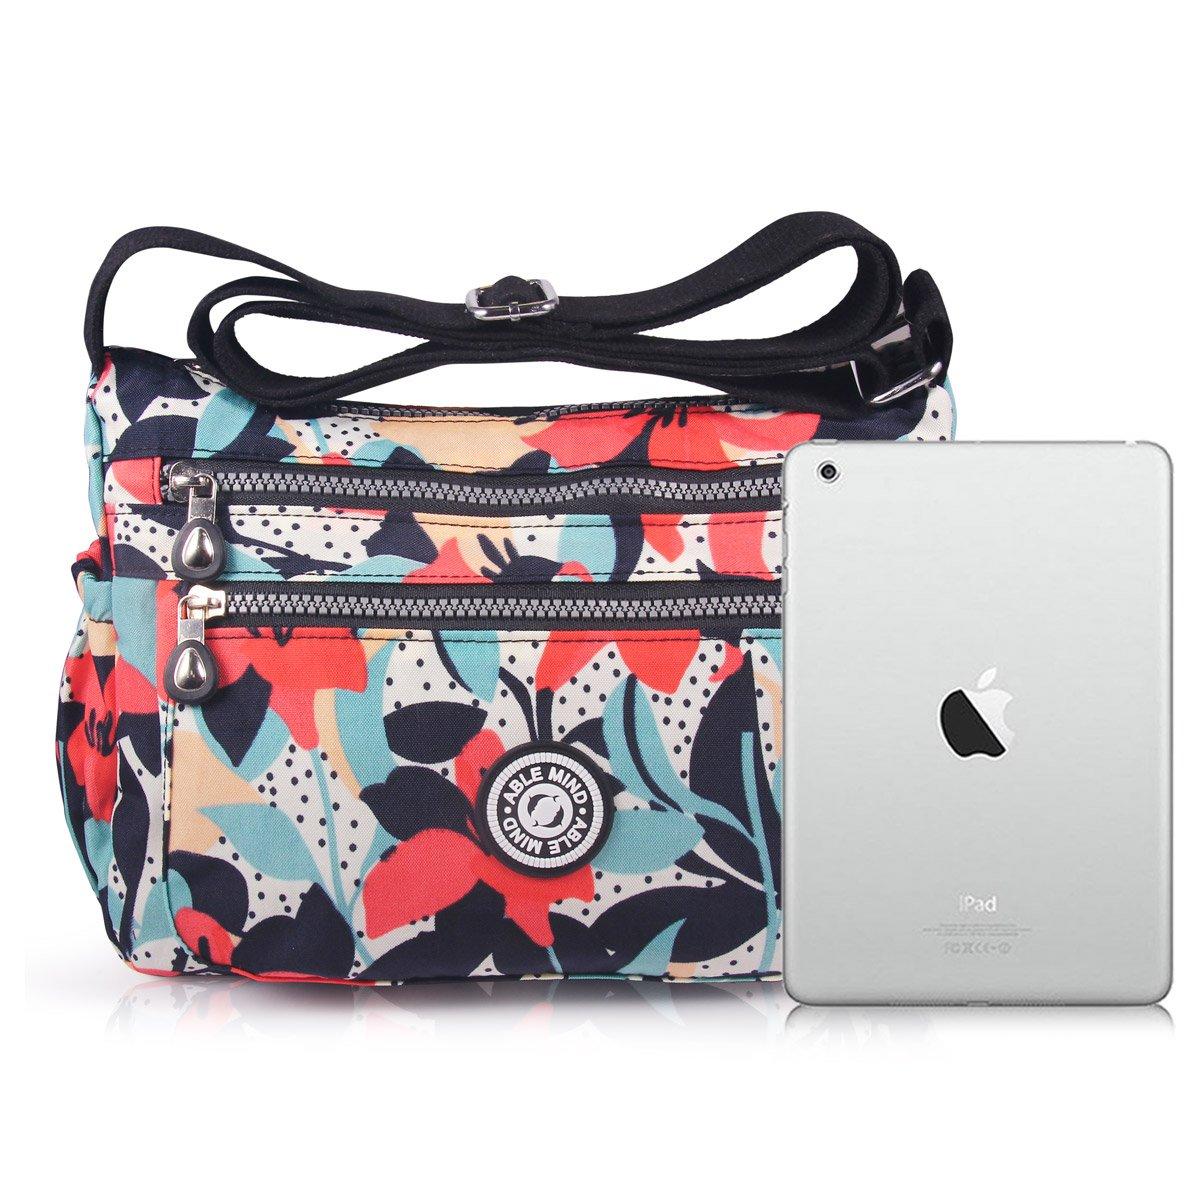 ABLE Mujer Bolsos de Moda Impermeable Mochilas Bolsas de Viaje Bolso Bandolera Sport Messenger Bag Bolsos Mano para Tablet Escolares Nylon 0-Calla Flores